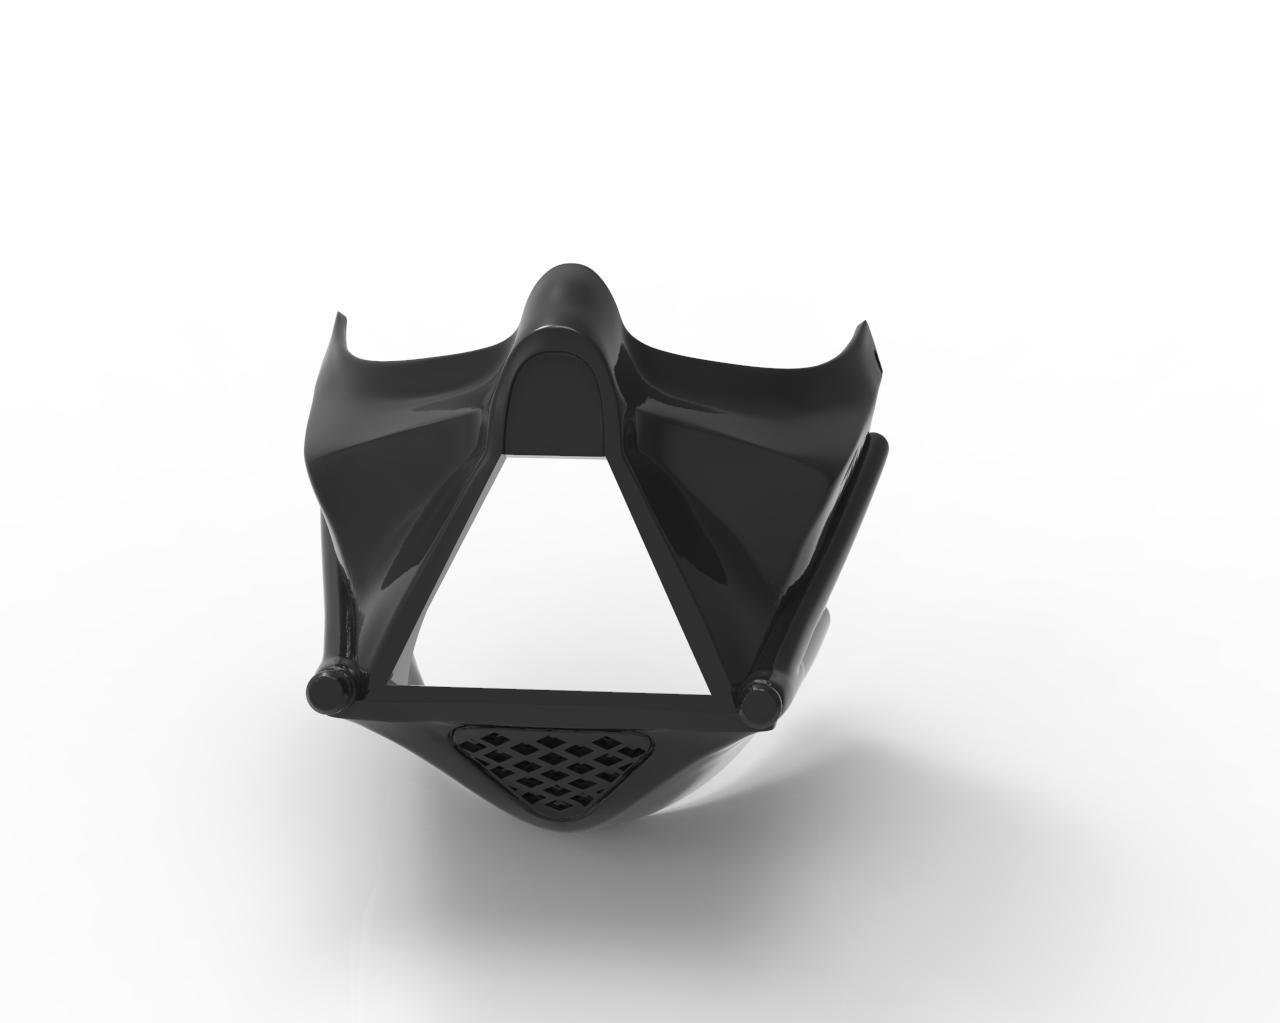 untitled.272.jpg Télécharger fichier STL gratuit MASQUE ANTIFACIAL DARTH VADER • Objet pour imprimante 3D, CastleDesignChile